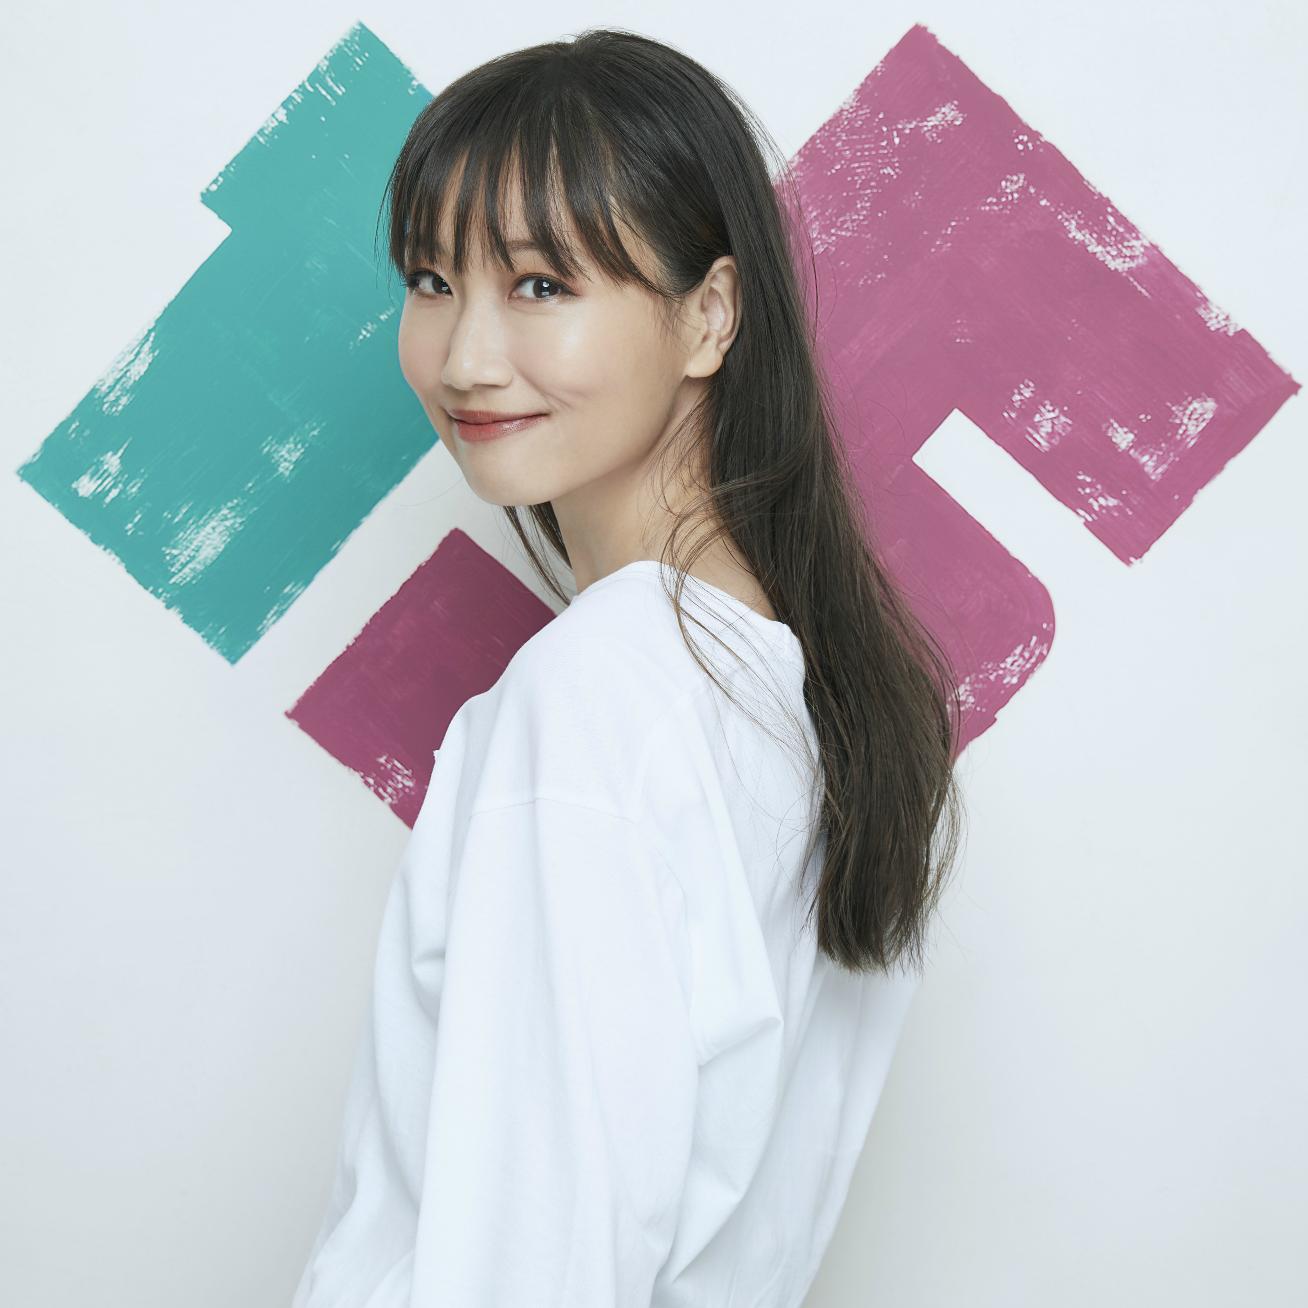 想念台灣美食,更想念台灣歌迷!日本創作歌姬「大塚 愛」第五度來台開唱